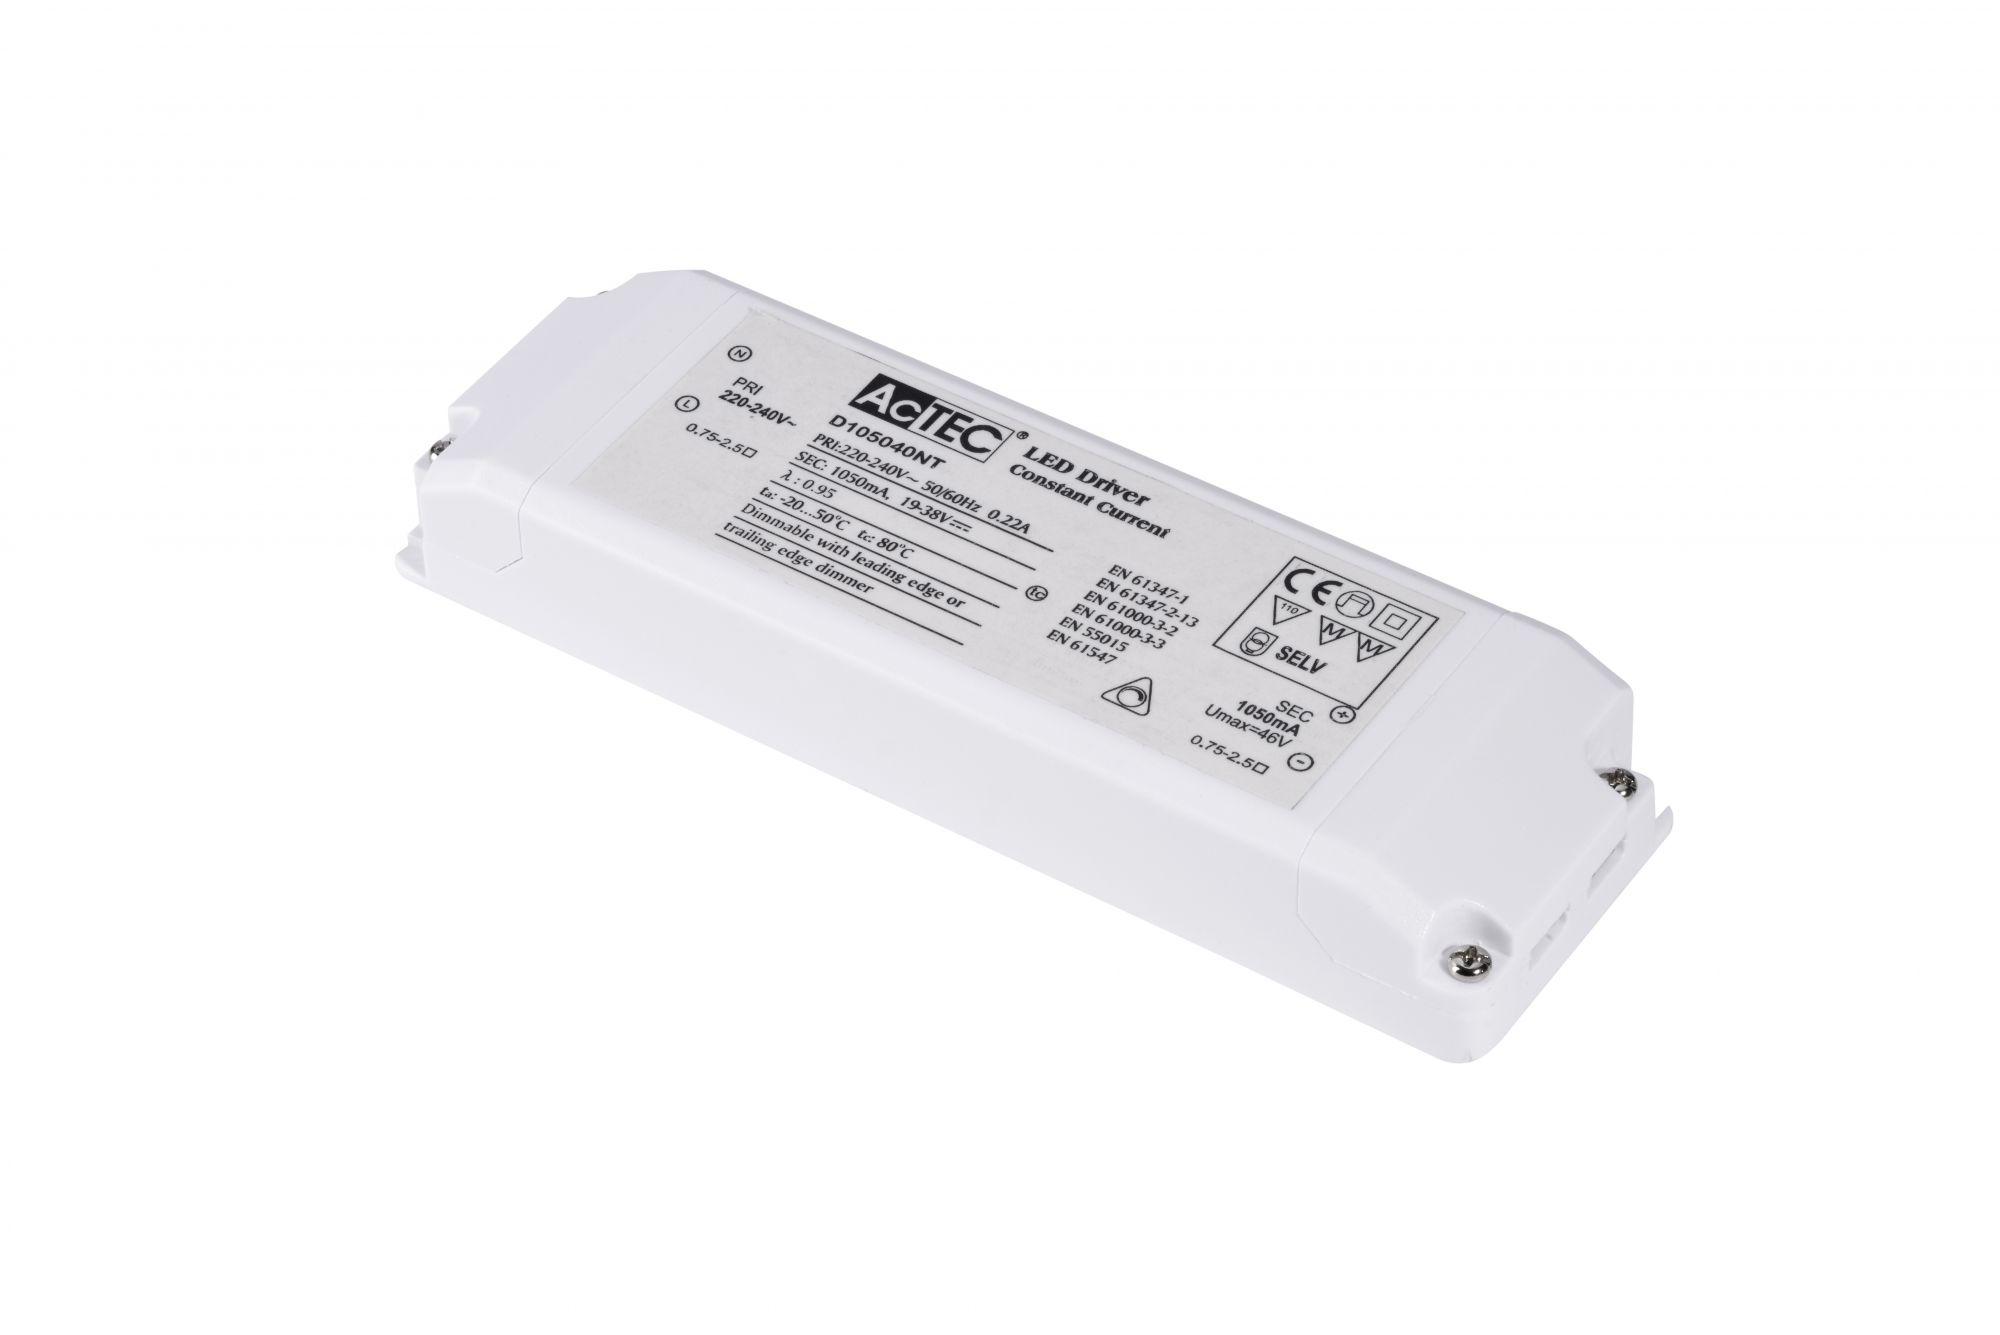 Alimentation LED, intérieur, 1050mA, 40W, blanc, serre-câble inclus, variable (464804)